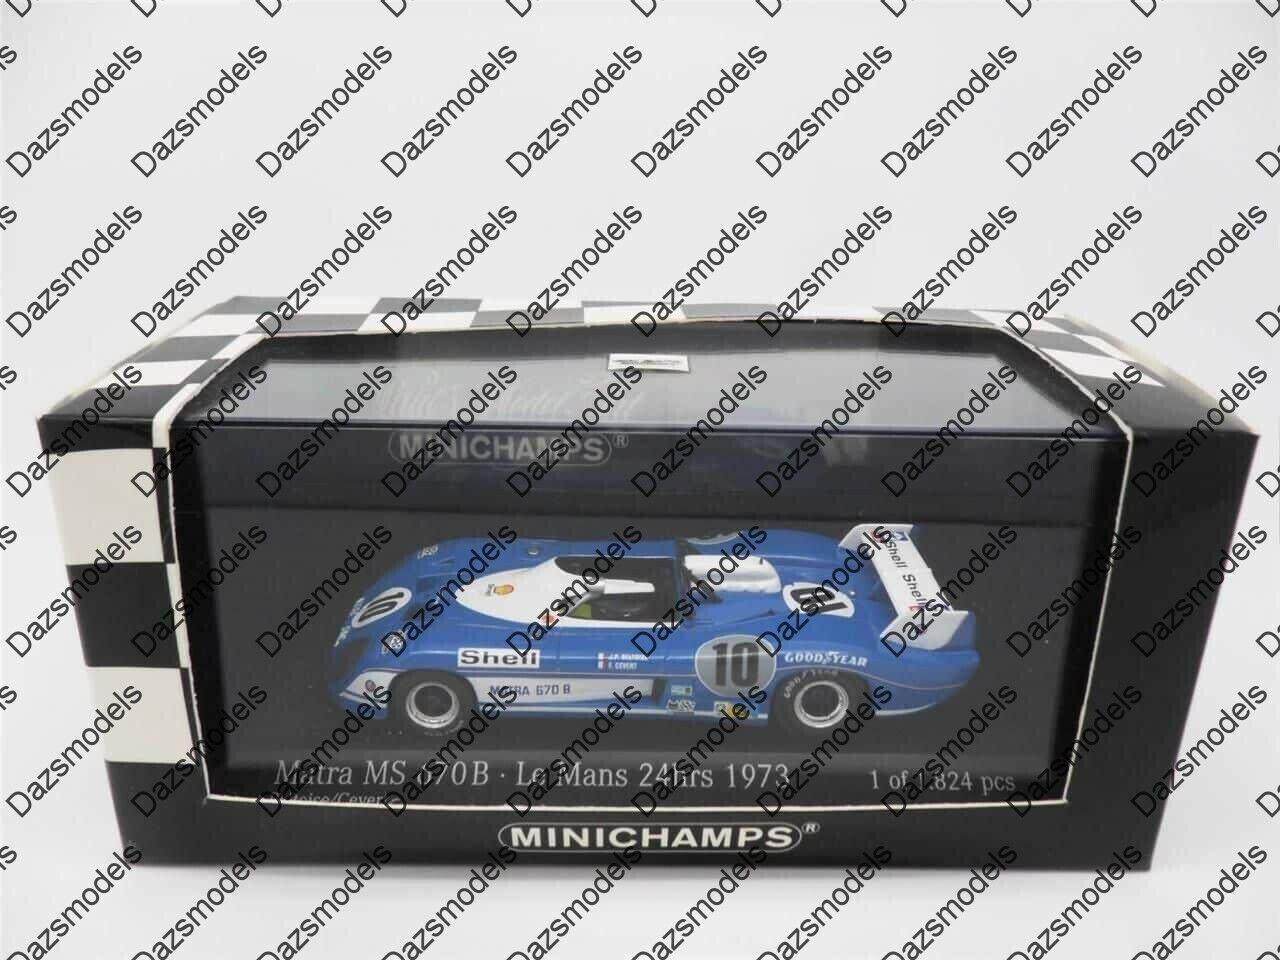 Minichamps Matra MS670 B Le mans 1973 731110